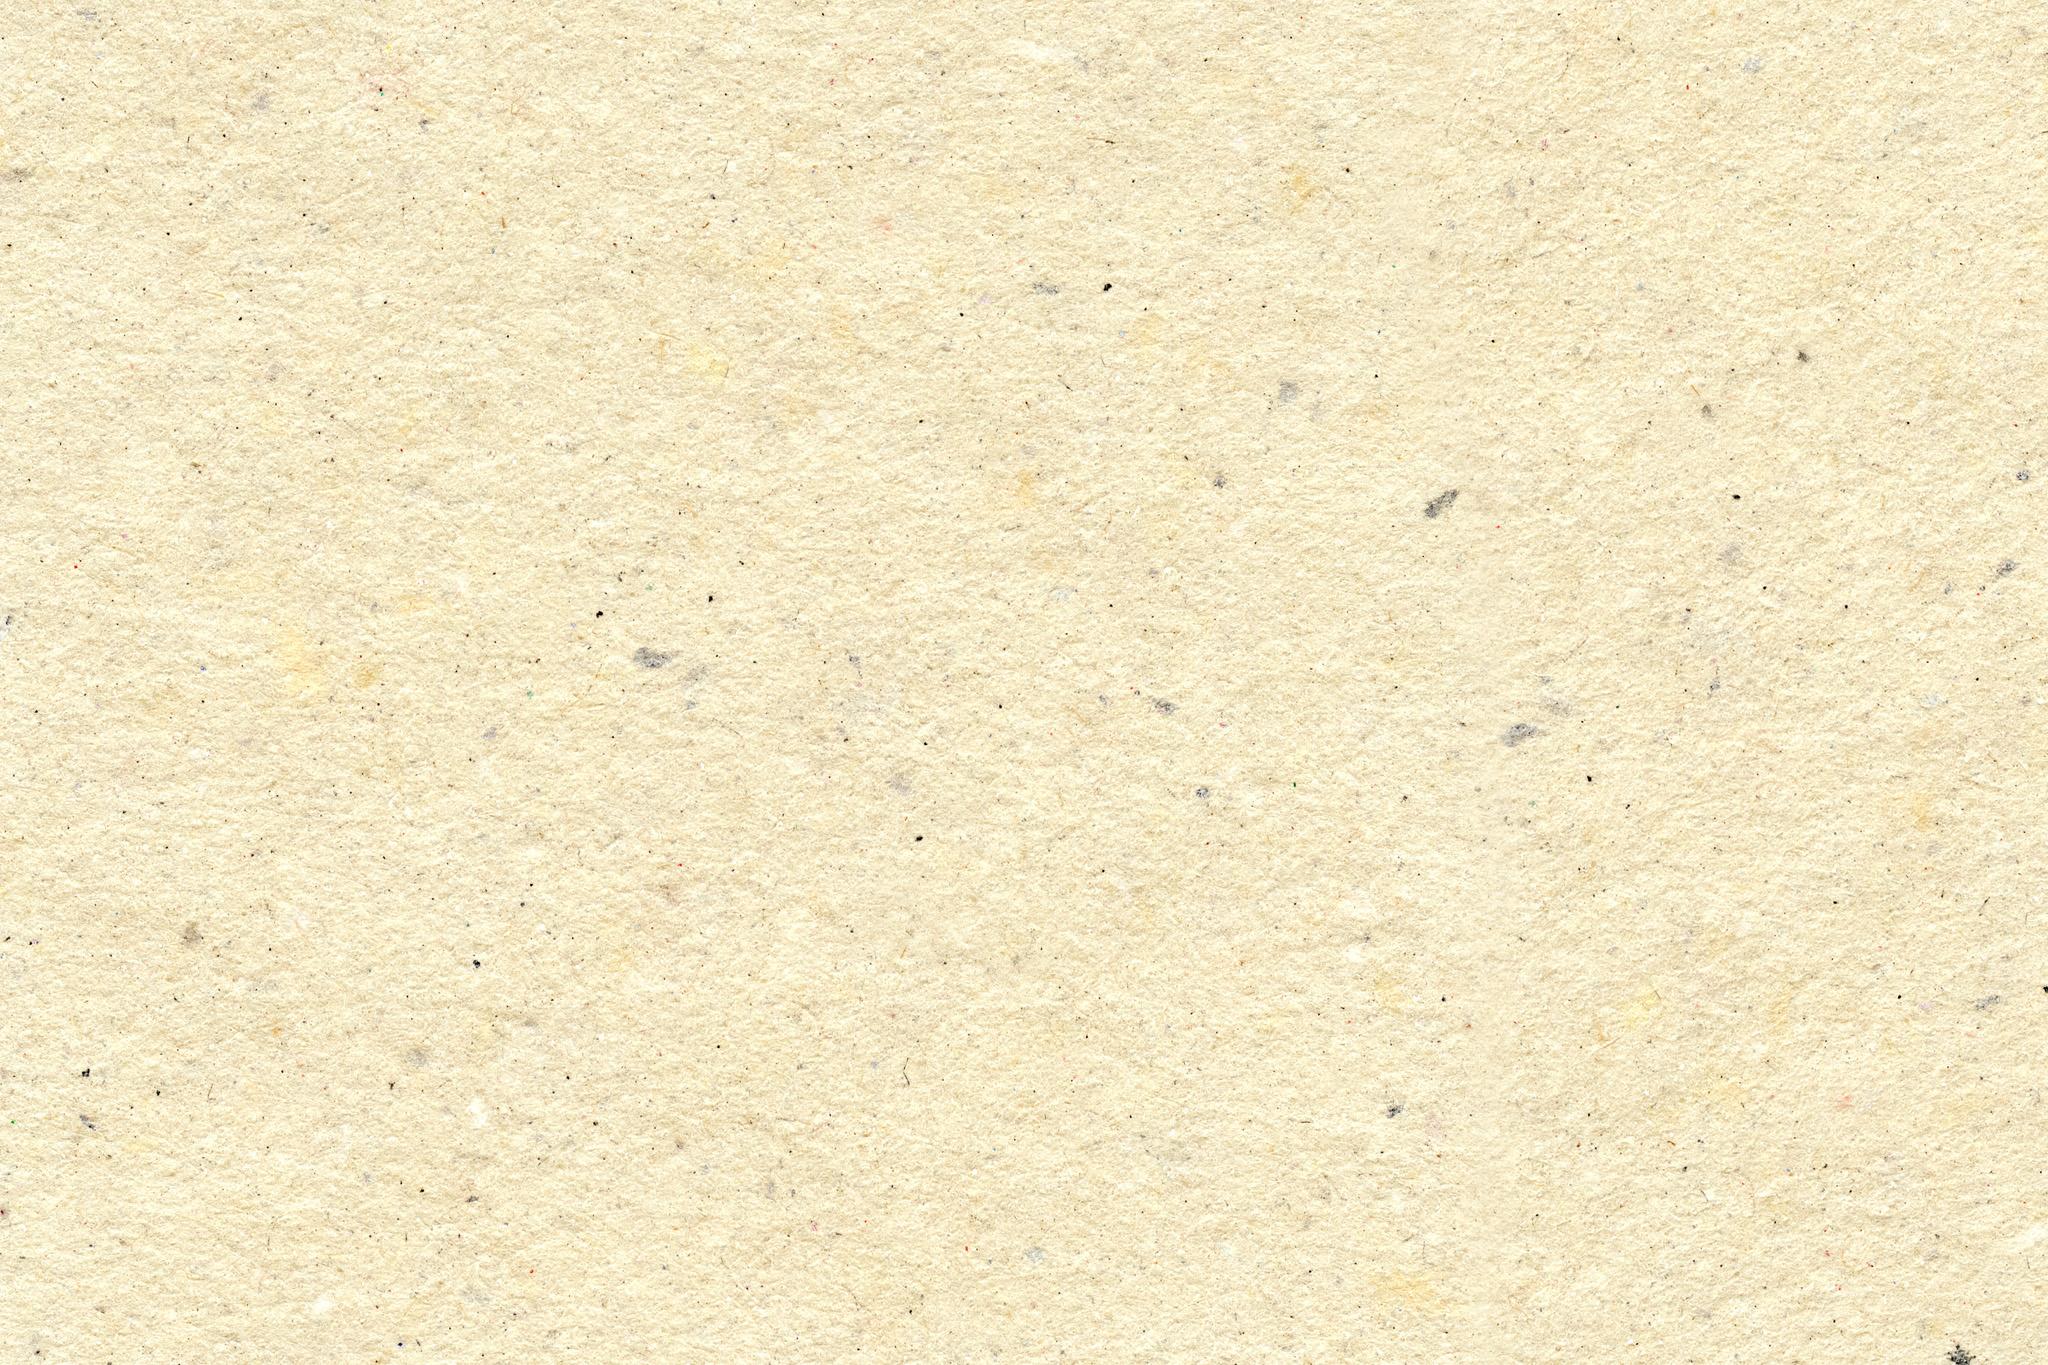 「ザラついた淡黄蘗色の和紙背景」の画像を無料ダウンロード